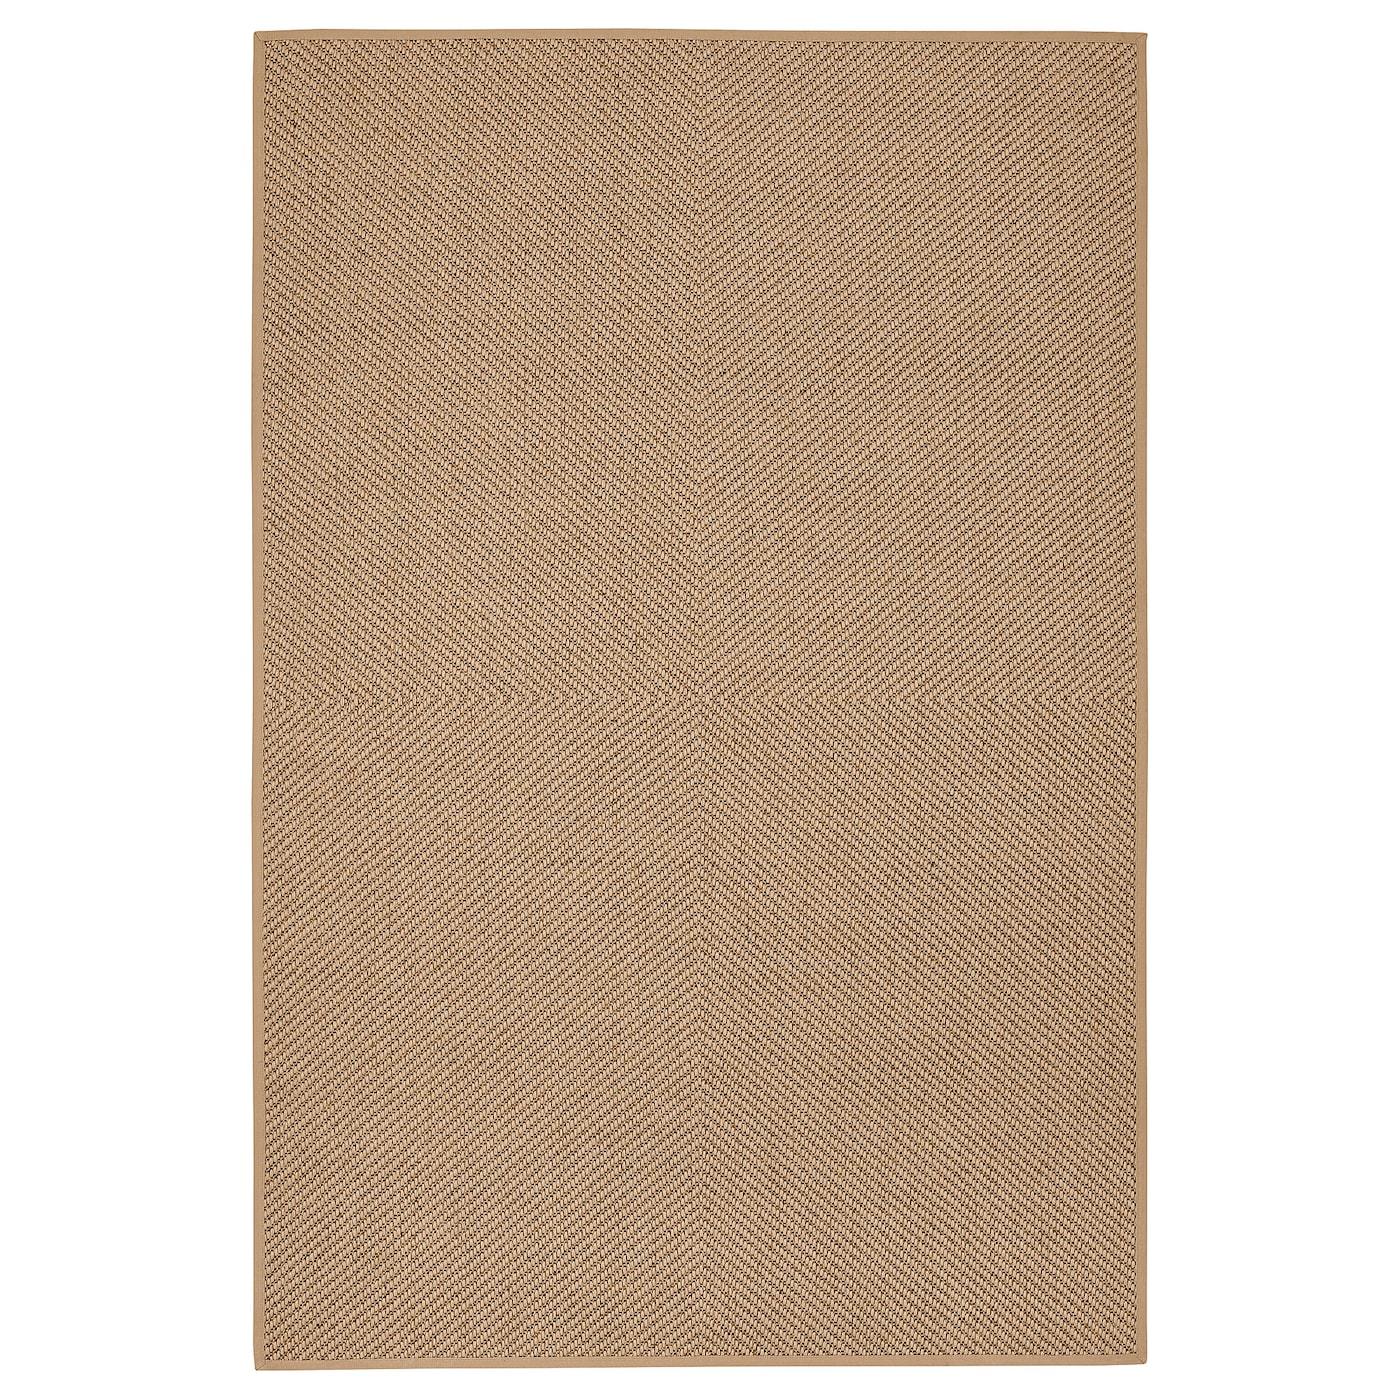 Ikea Ested Rug Flatwoven